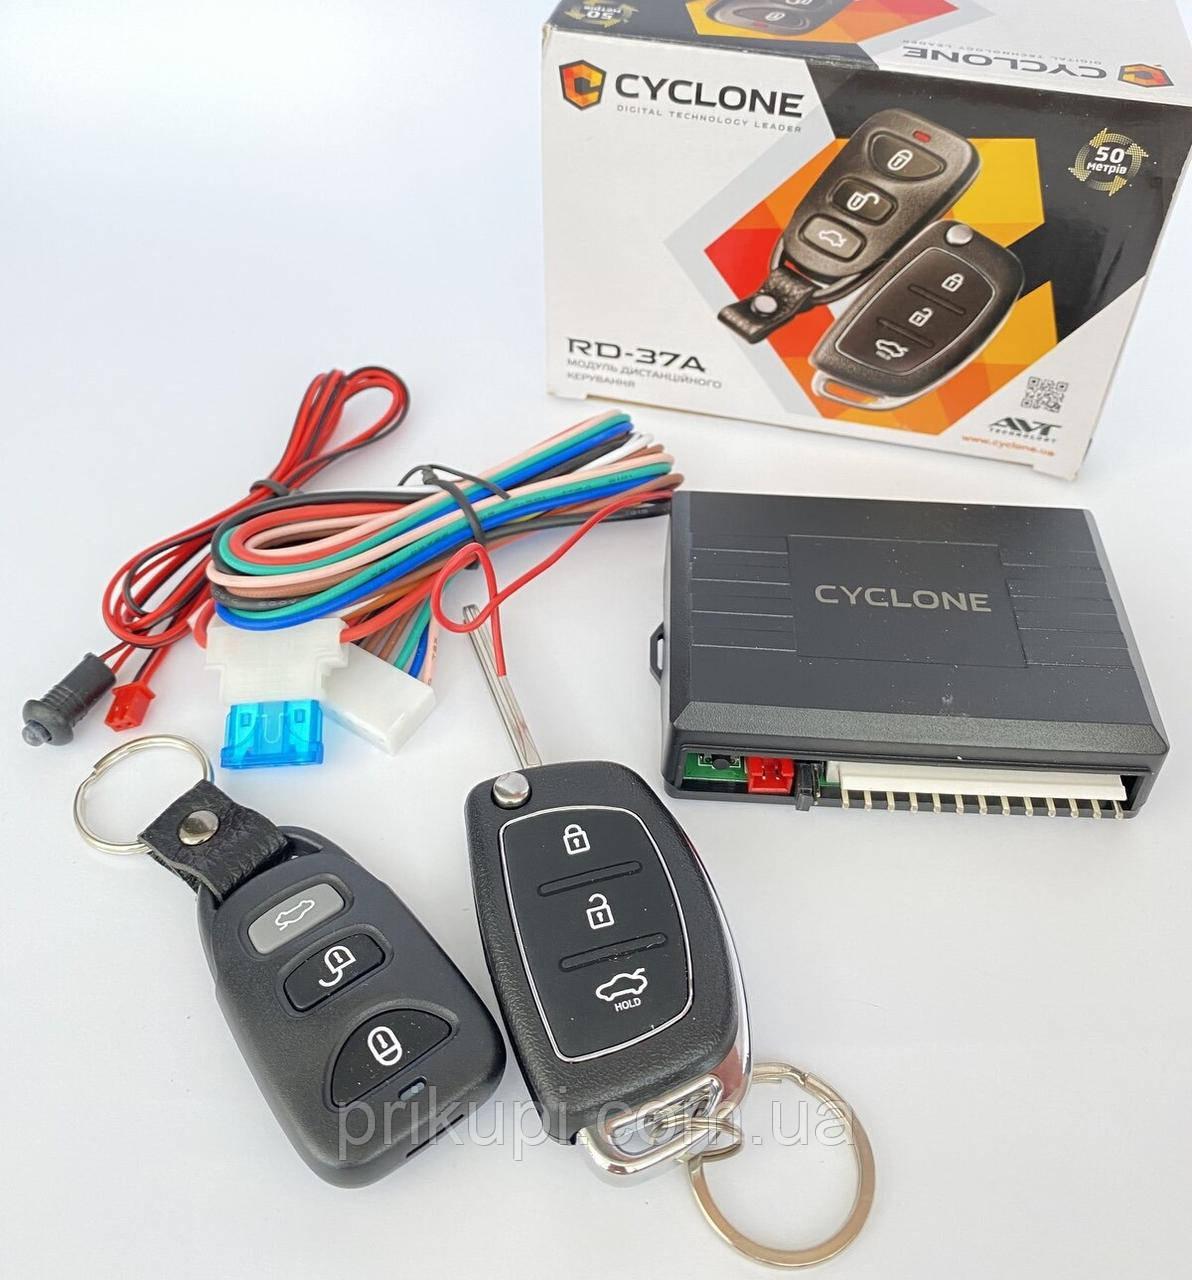 Дистанционное управление центральным замком Cyclone RD-37A (выкид ключ/вых на багажник/сирену)